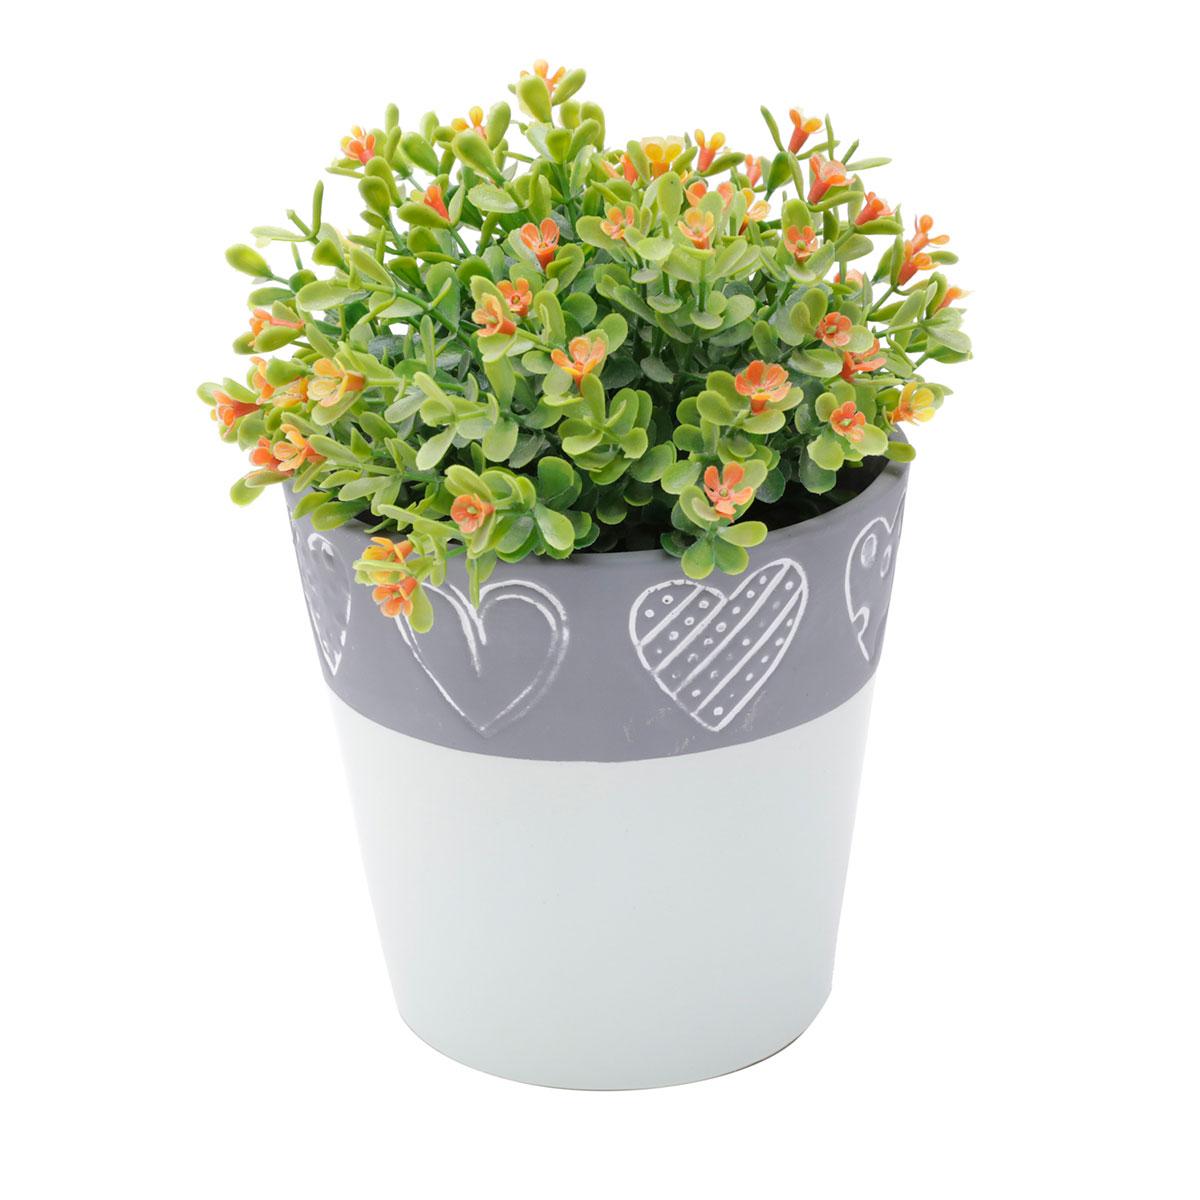 Vaso Concreto Decorativo Coração Verde e Cinza Grande - Presente Super